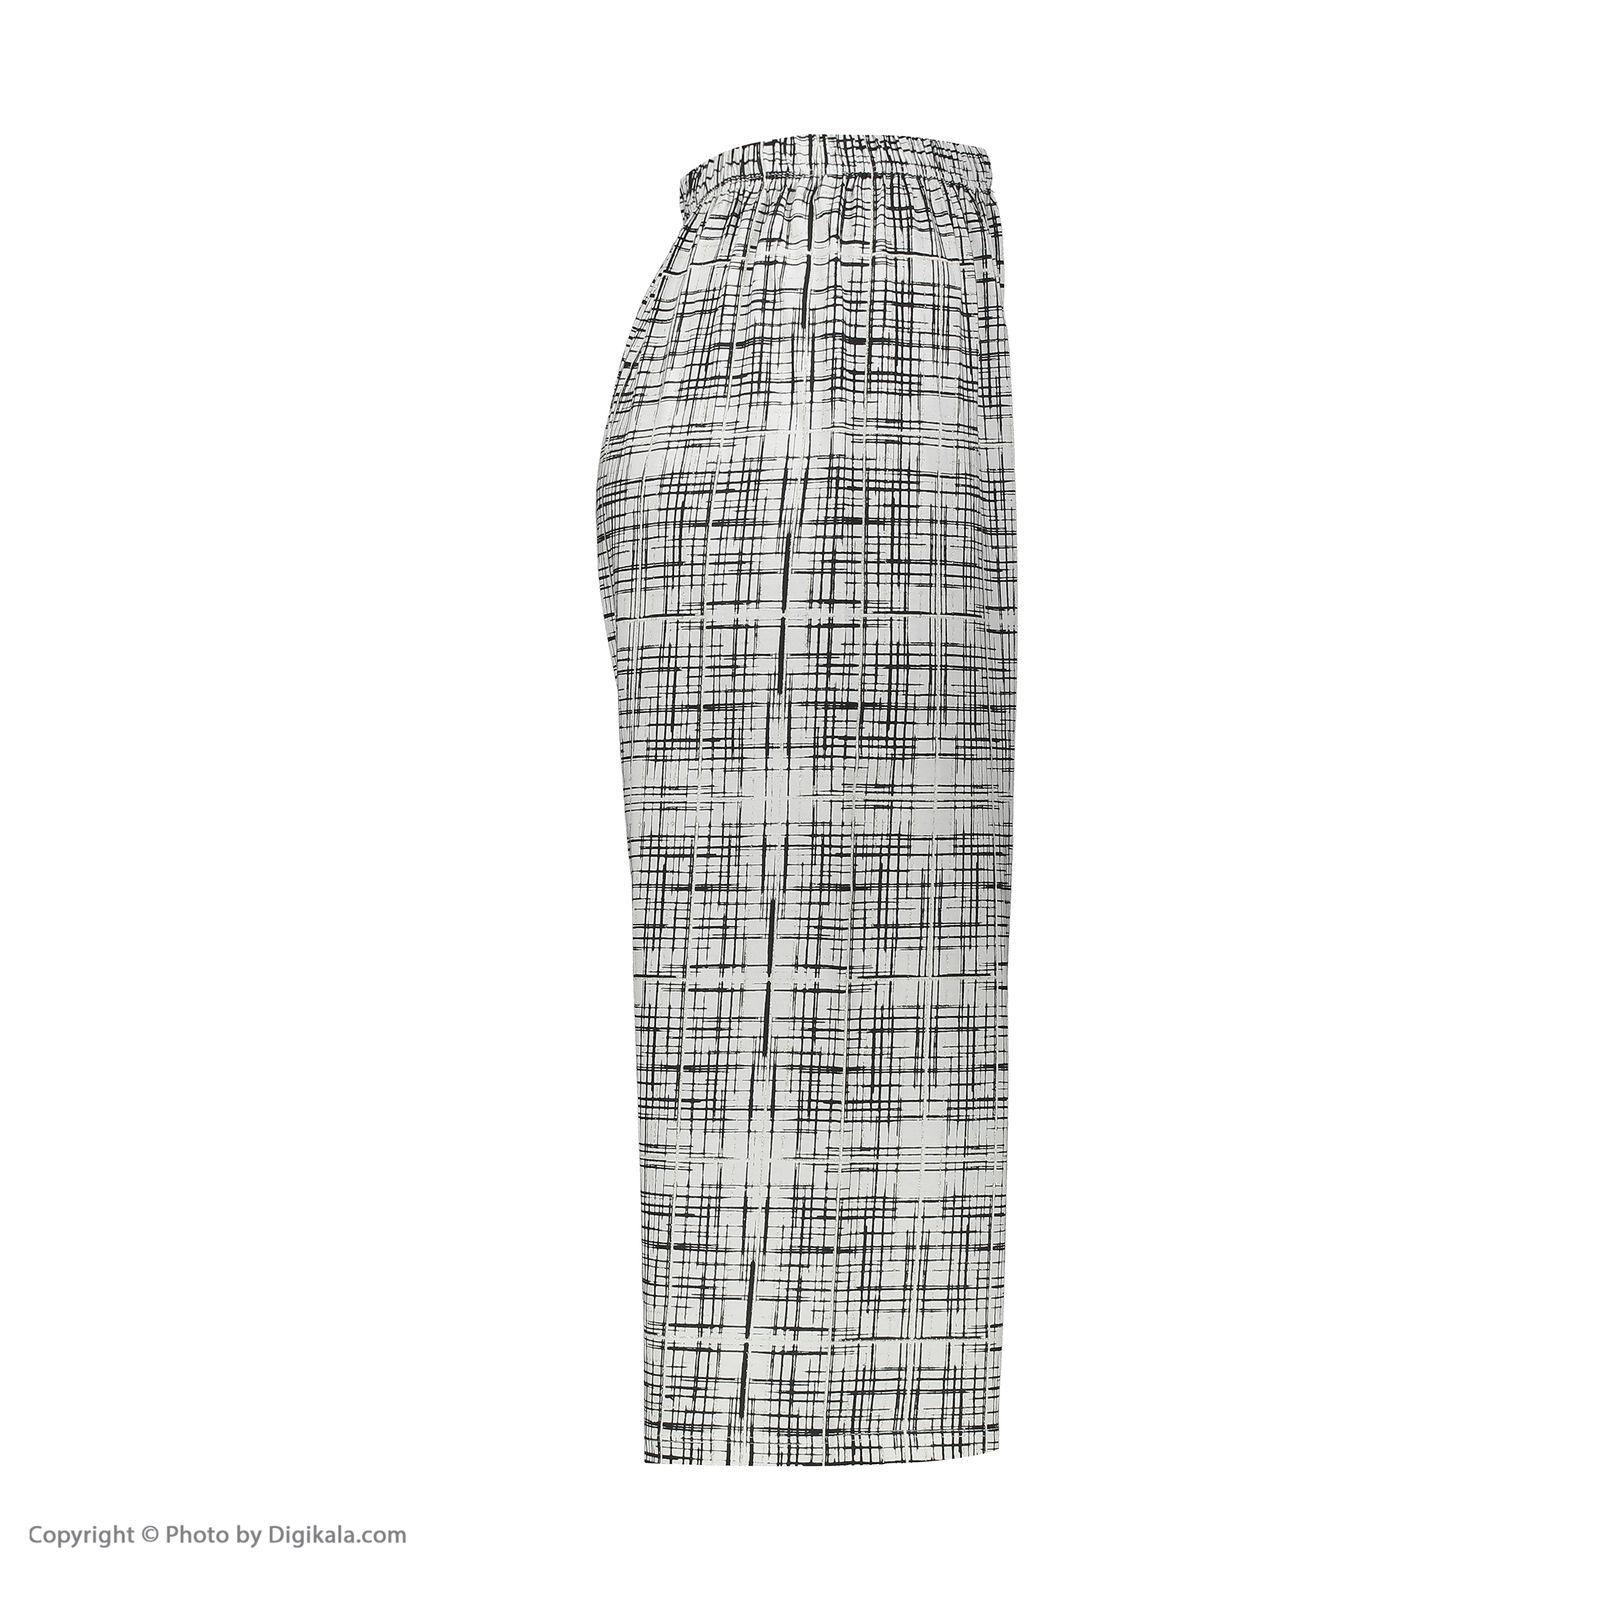 ست تاپ و شلوارک زنانه فمیلی ور طرح پاندا کد 0220 رنگ سفید -  - 4